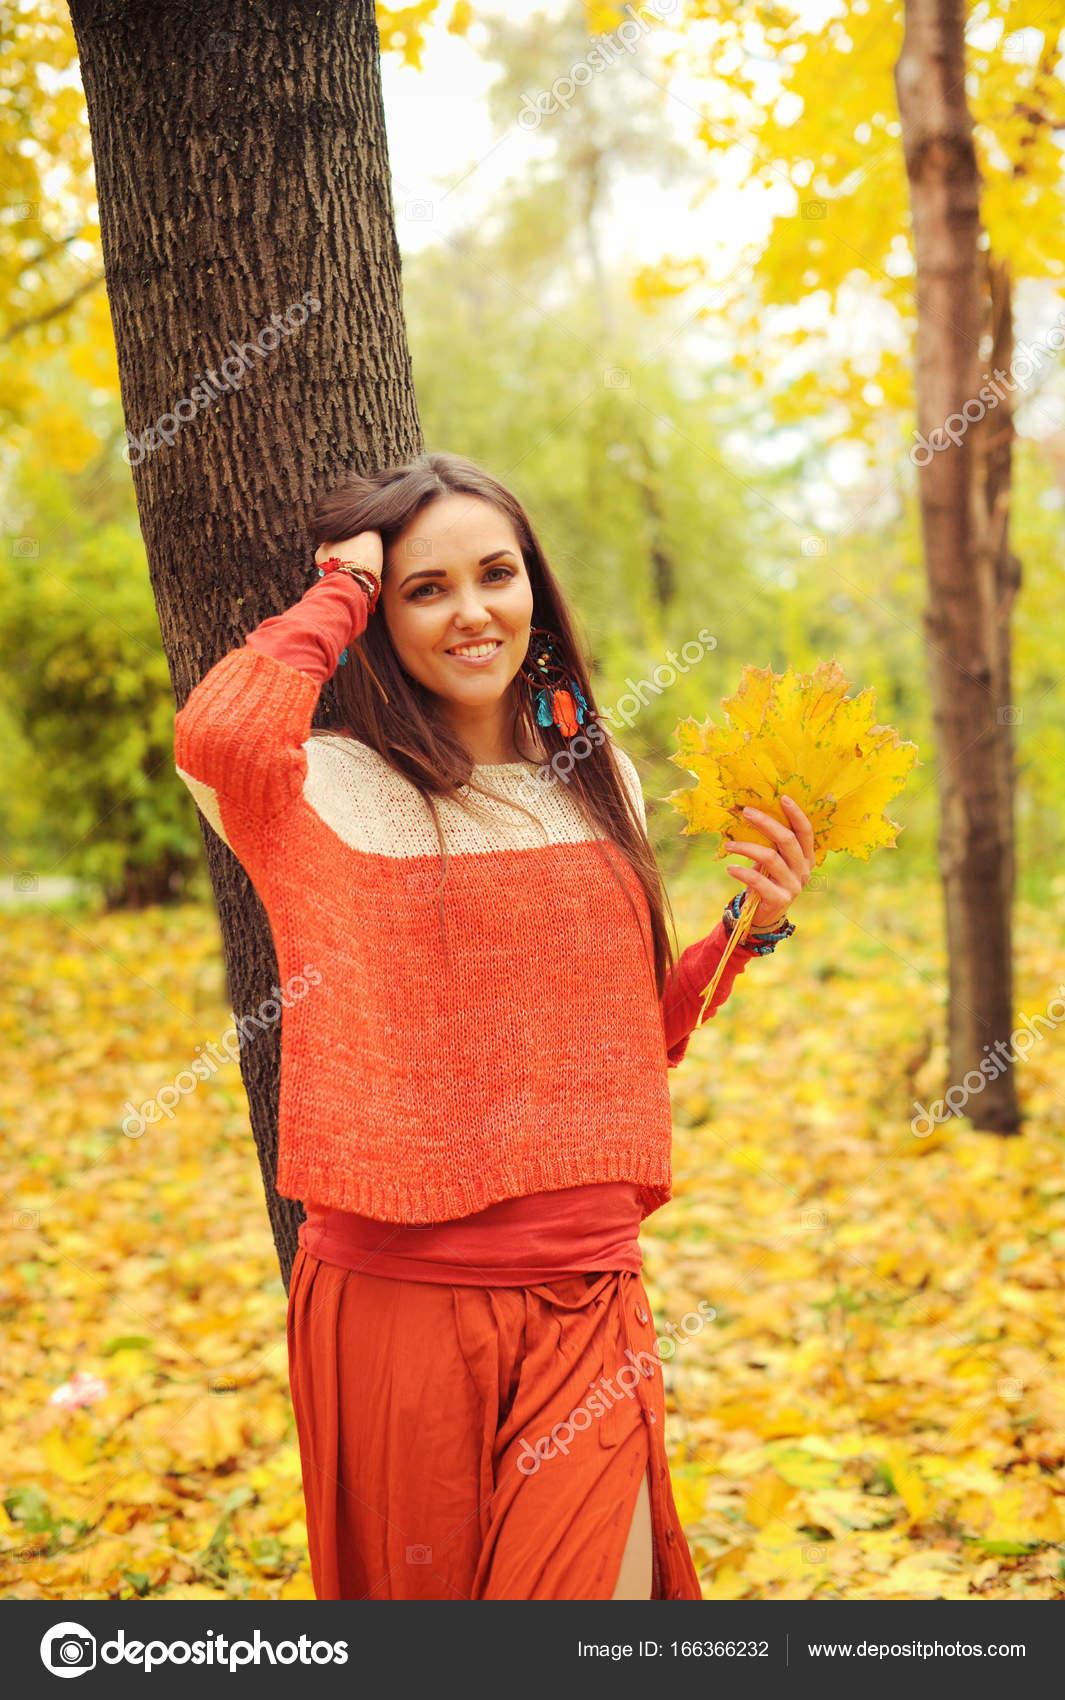 Parc FemmeMarchant Souriant Dans Portrait L'automne Assez De Le EHWID29